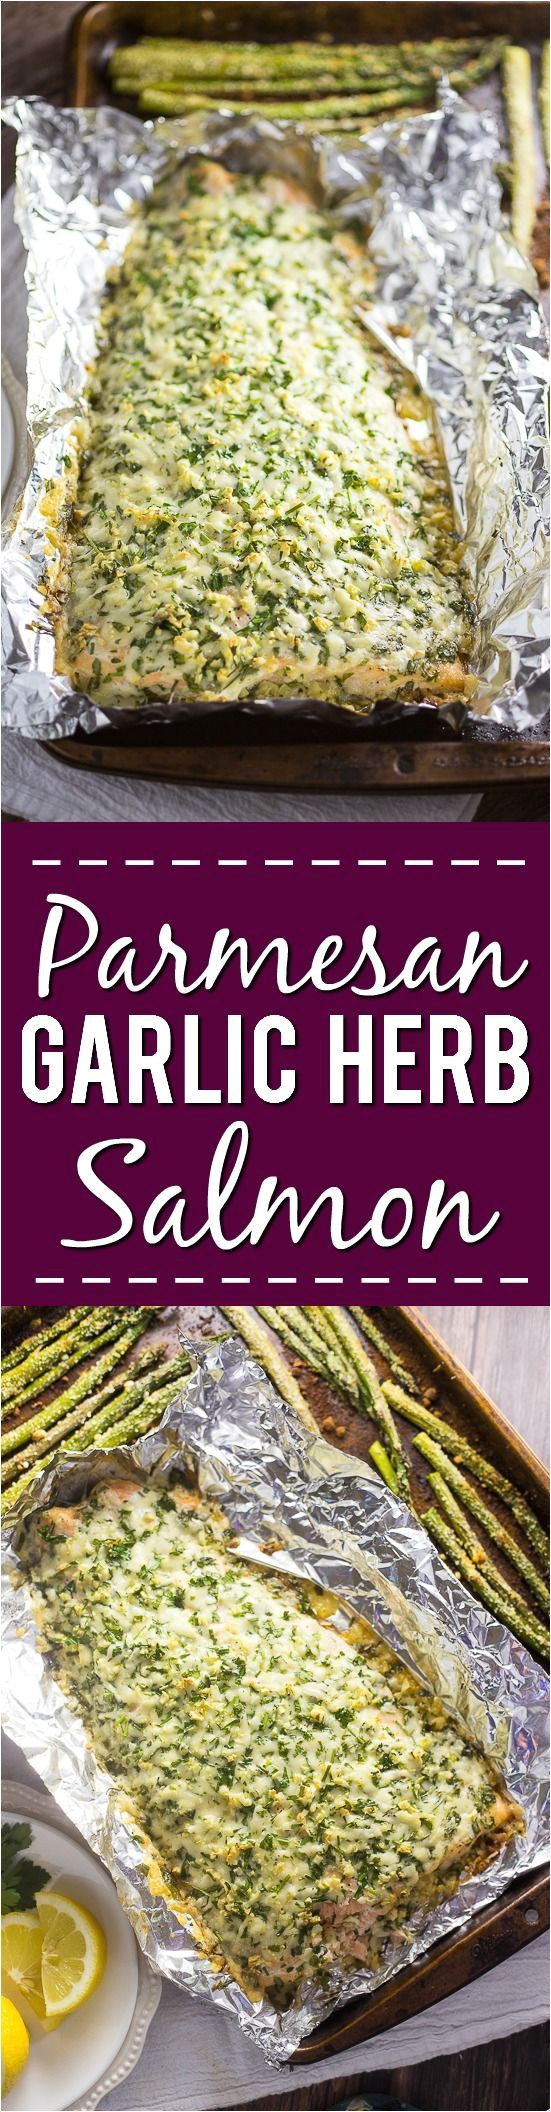 parmesan garlic herb salmon recipe receta de cena familiar rapida y facil pero